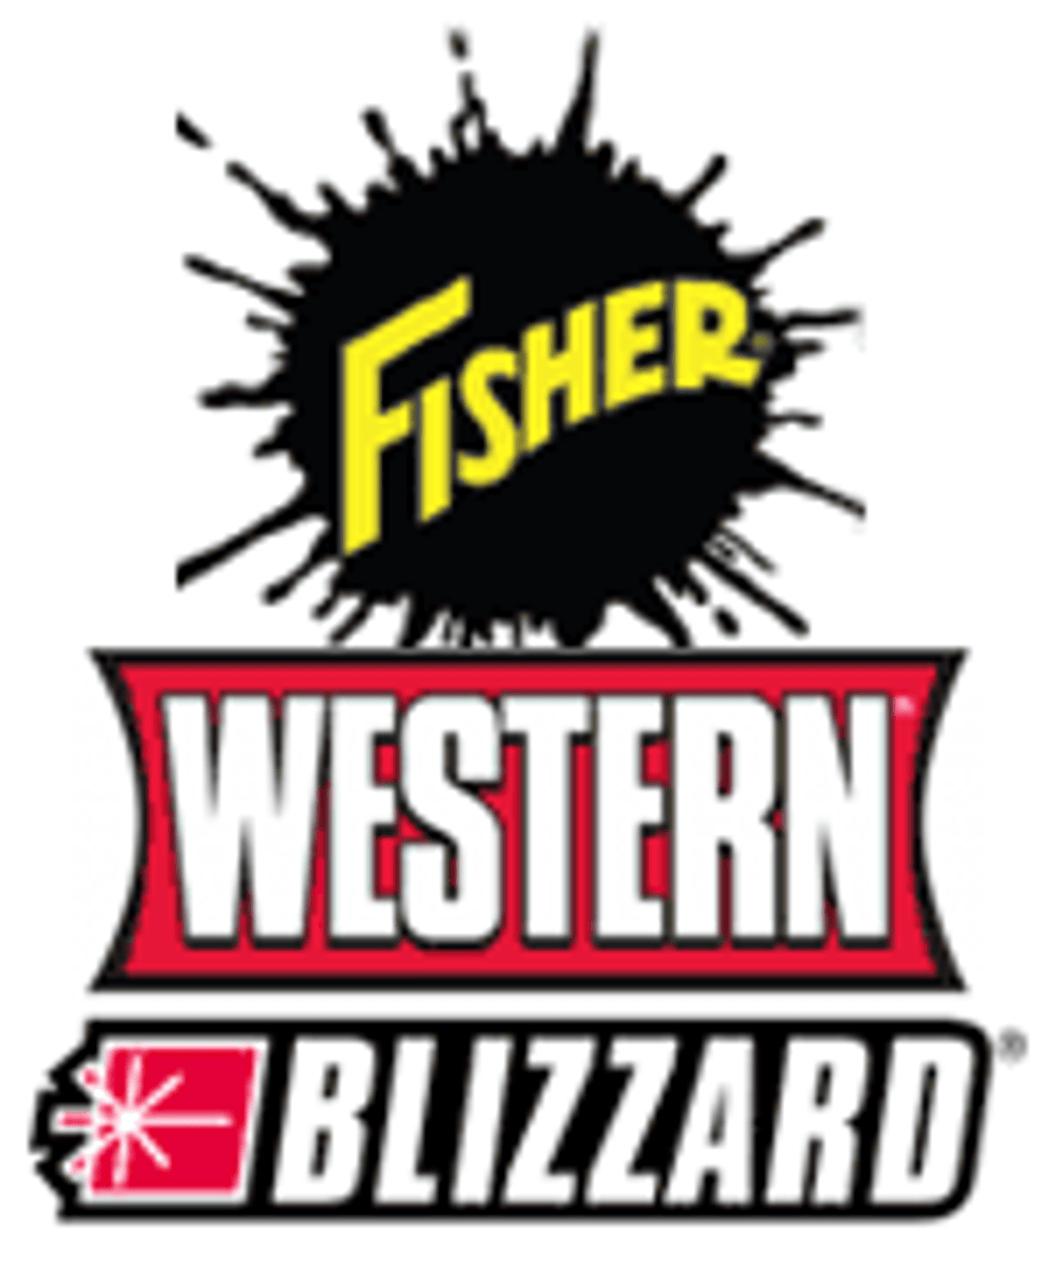 73897 - FISHER - WESTERN - BLIZZARD - SNOWEX MAGNET